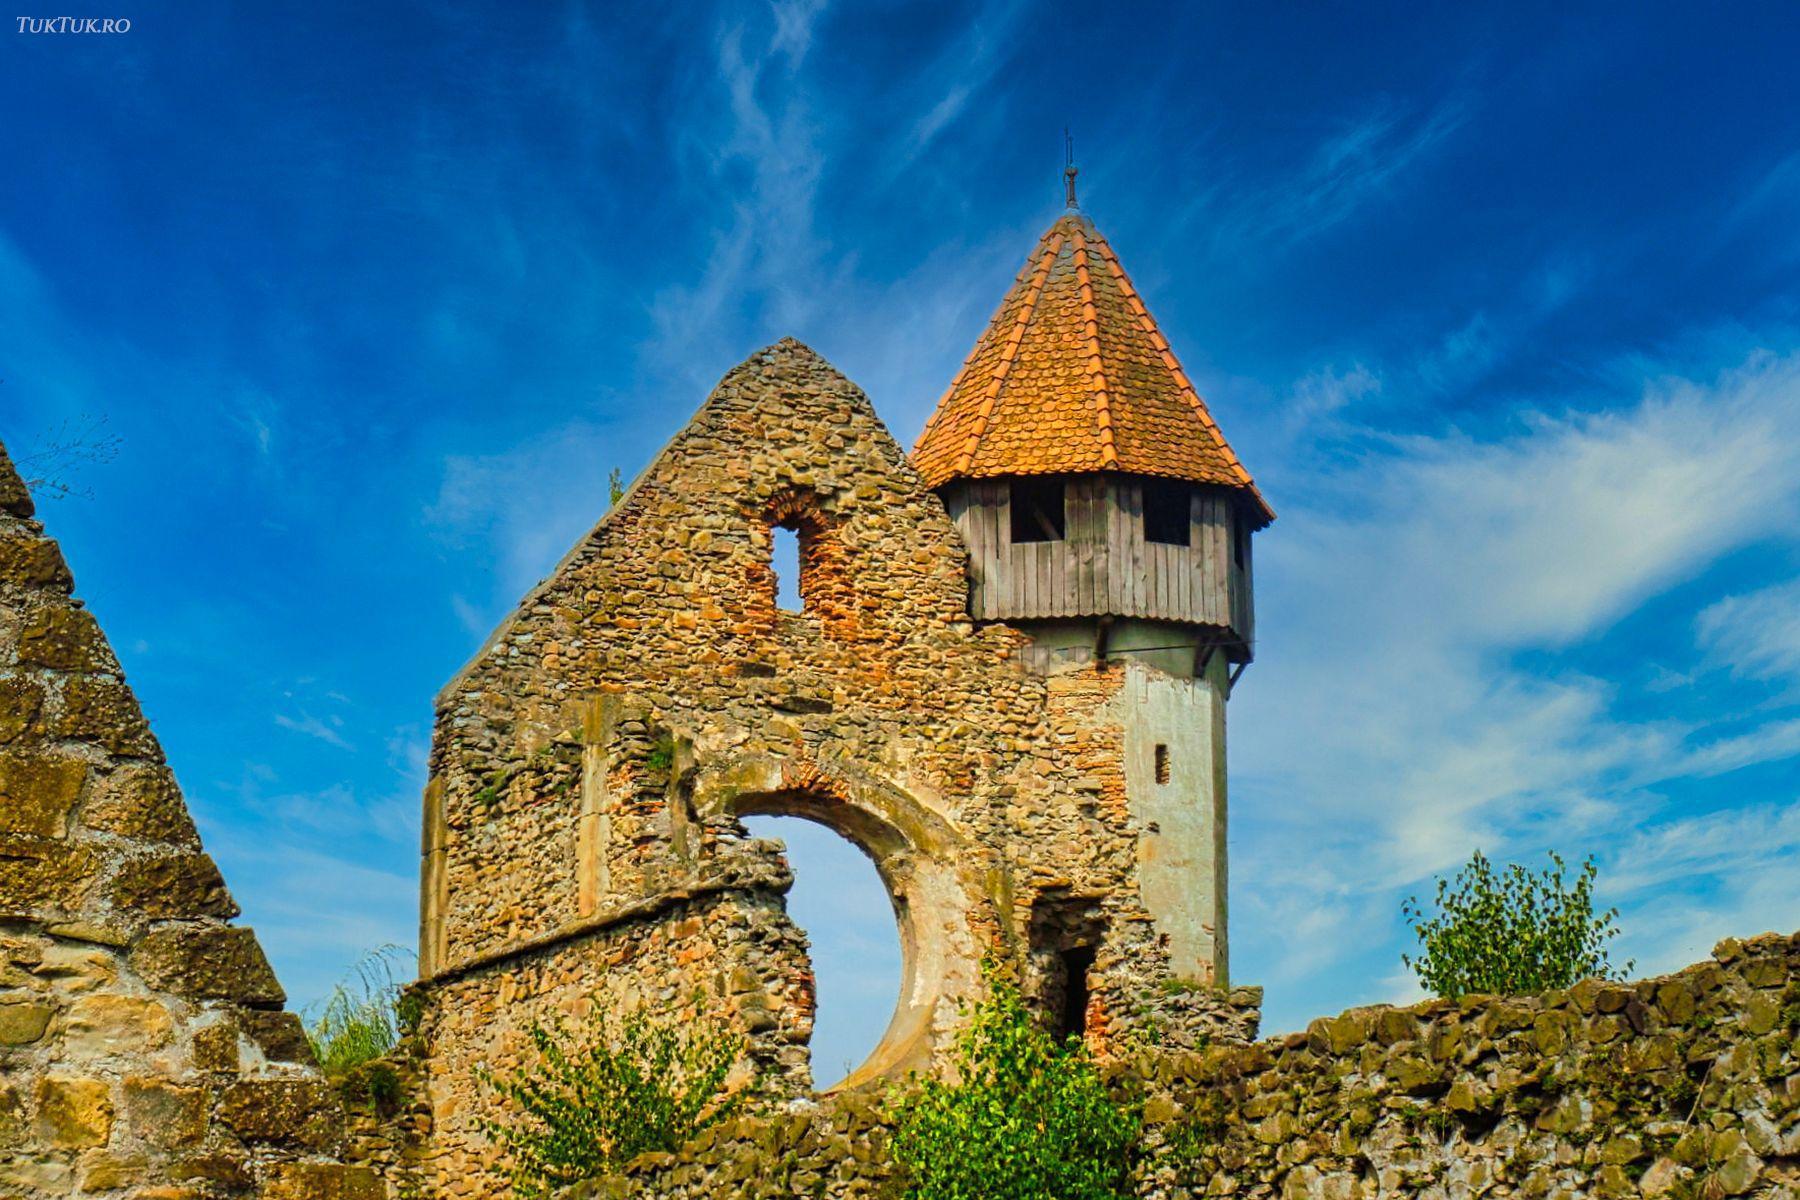 mananastirea cisterciana carta